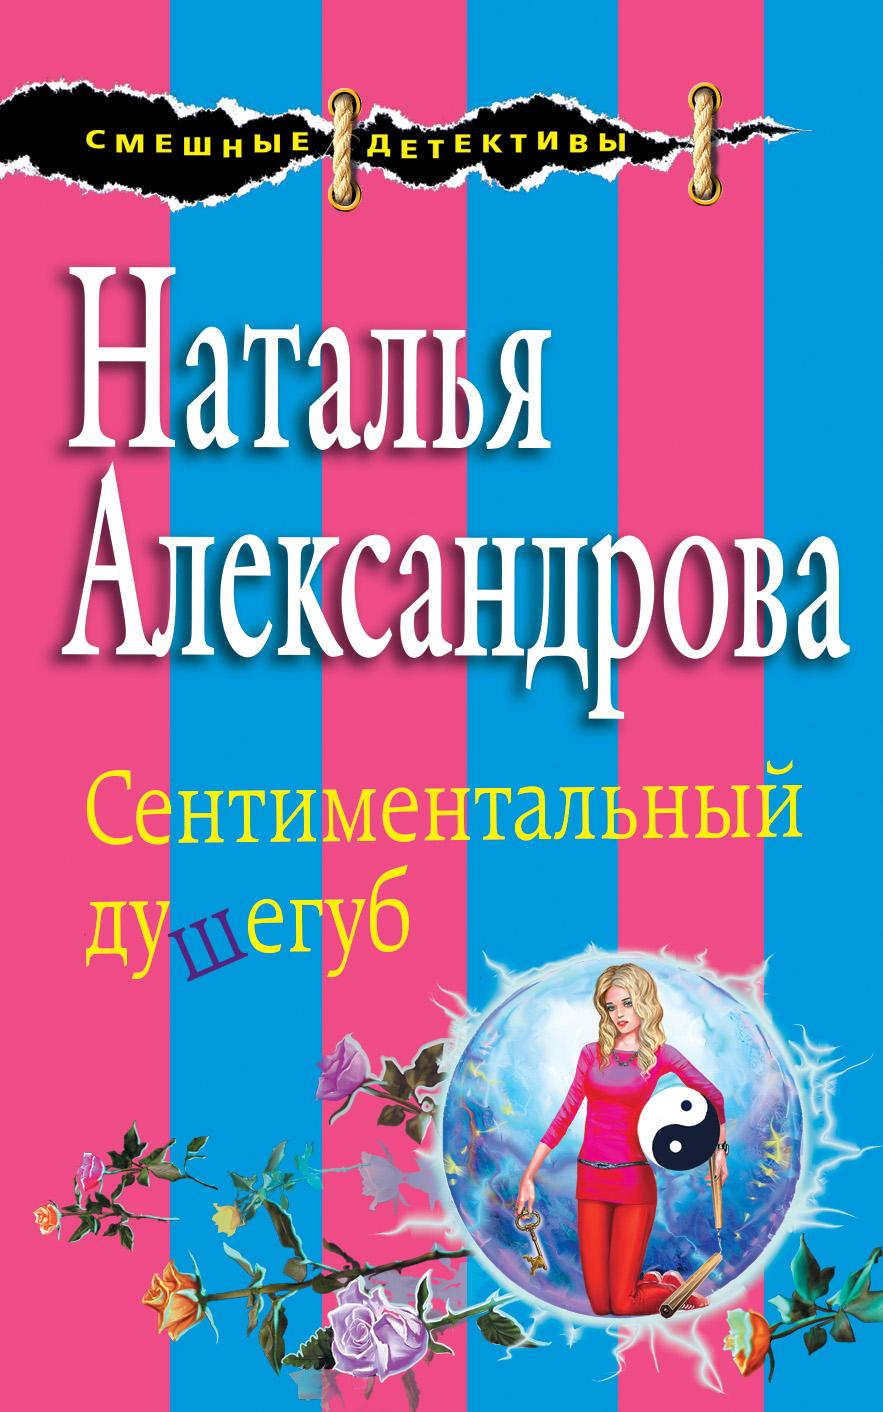 Наталья Александрова Сентиментальный душегуб александрова н сентиментальный душегуб